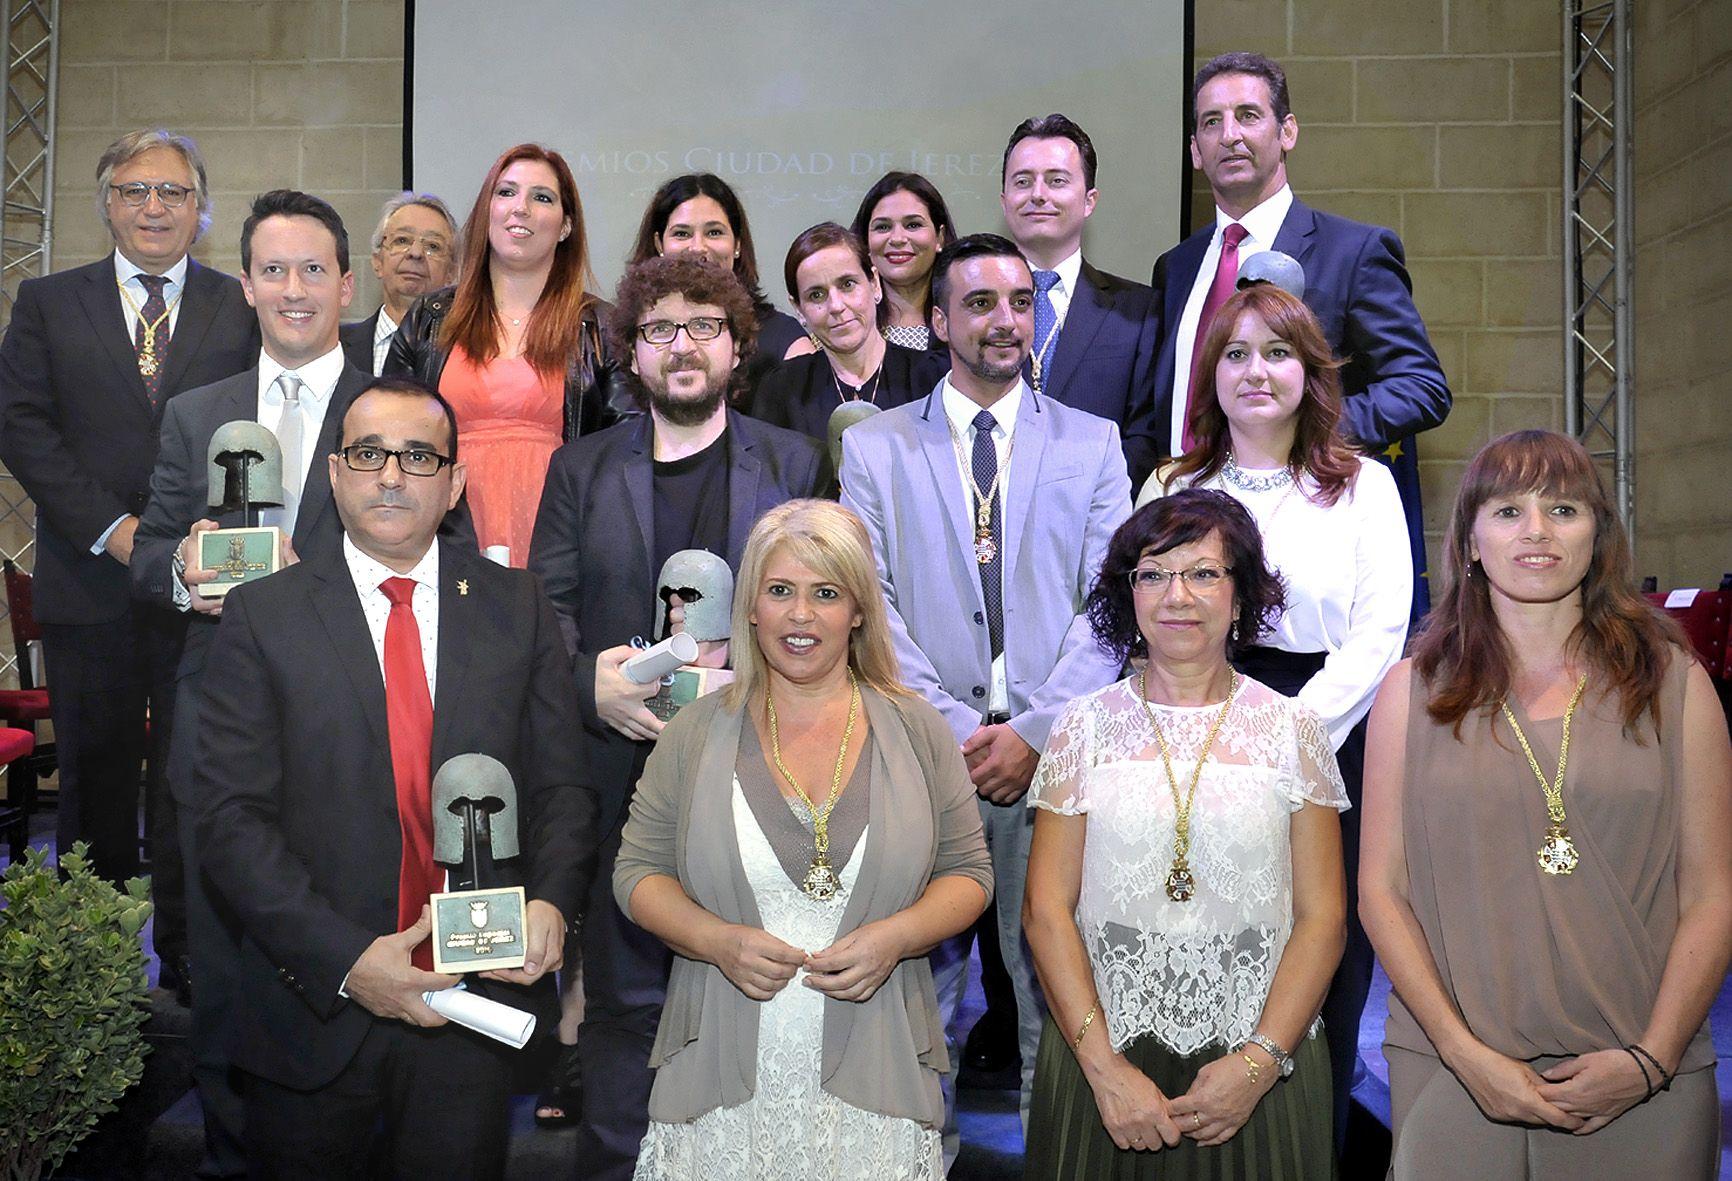 Premios Ciudad de Jerez 2016